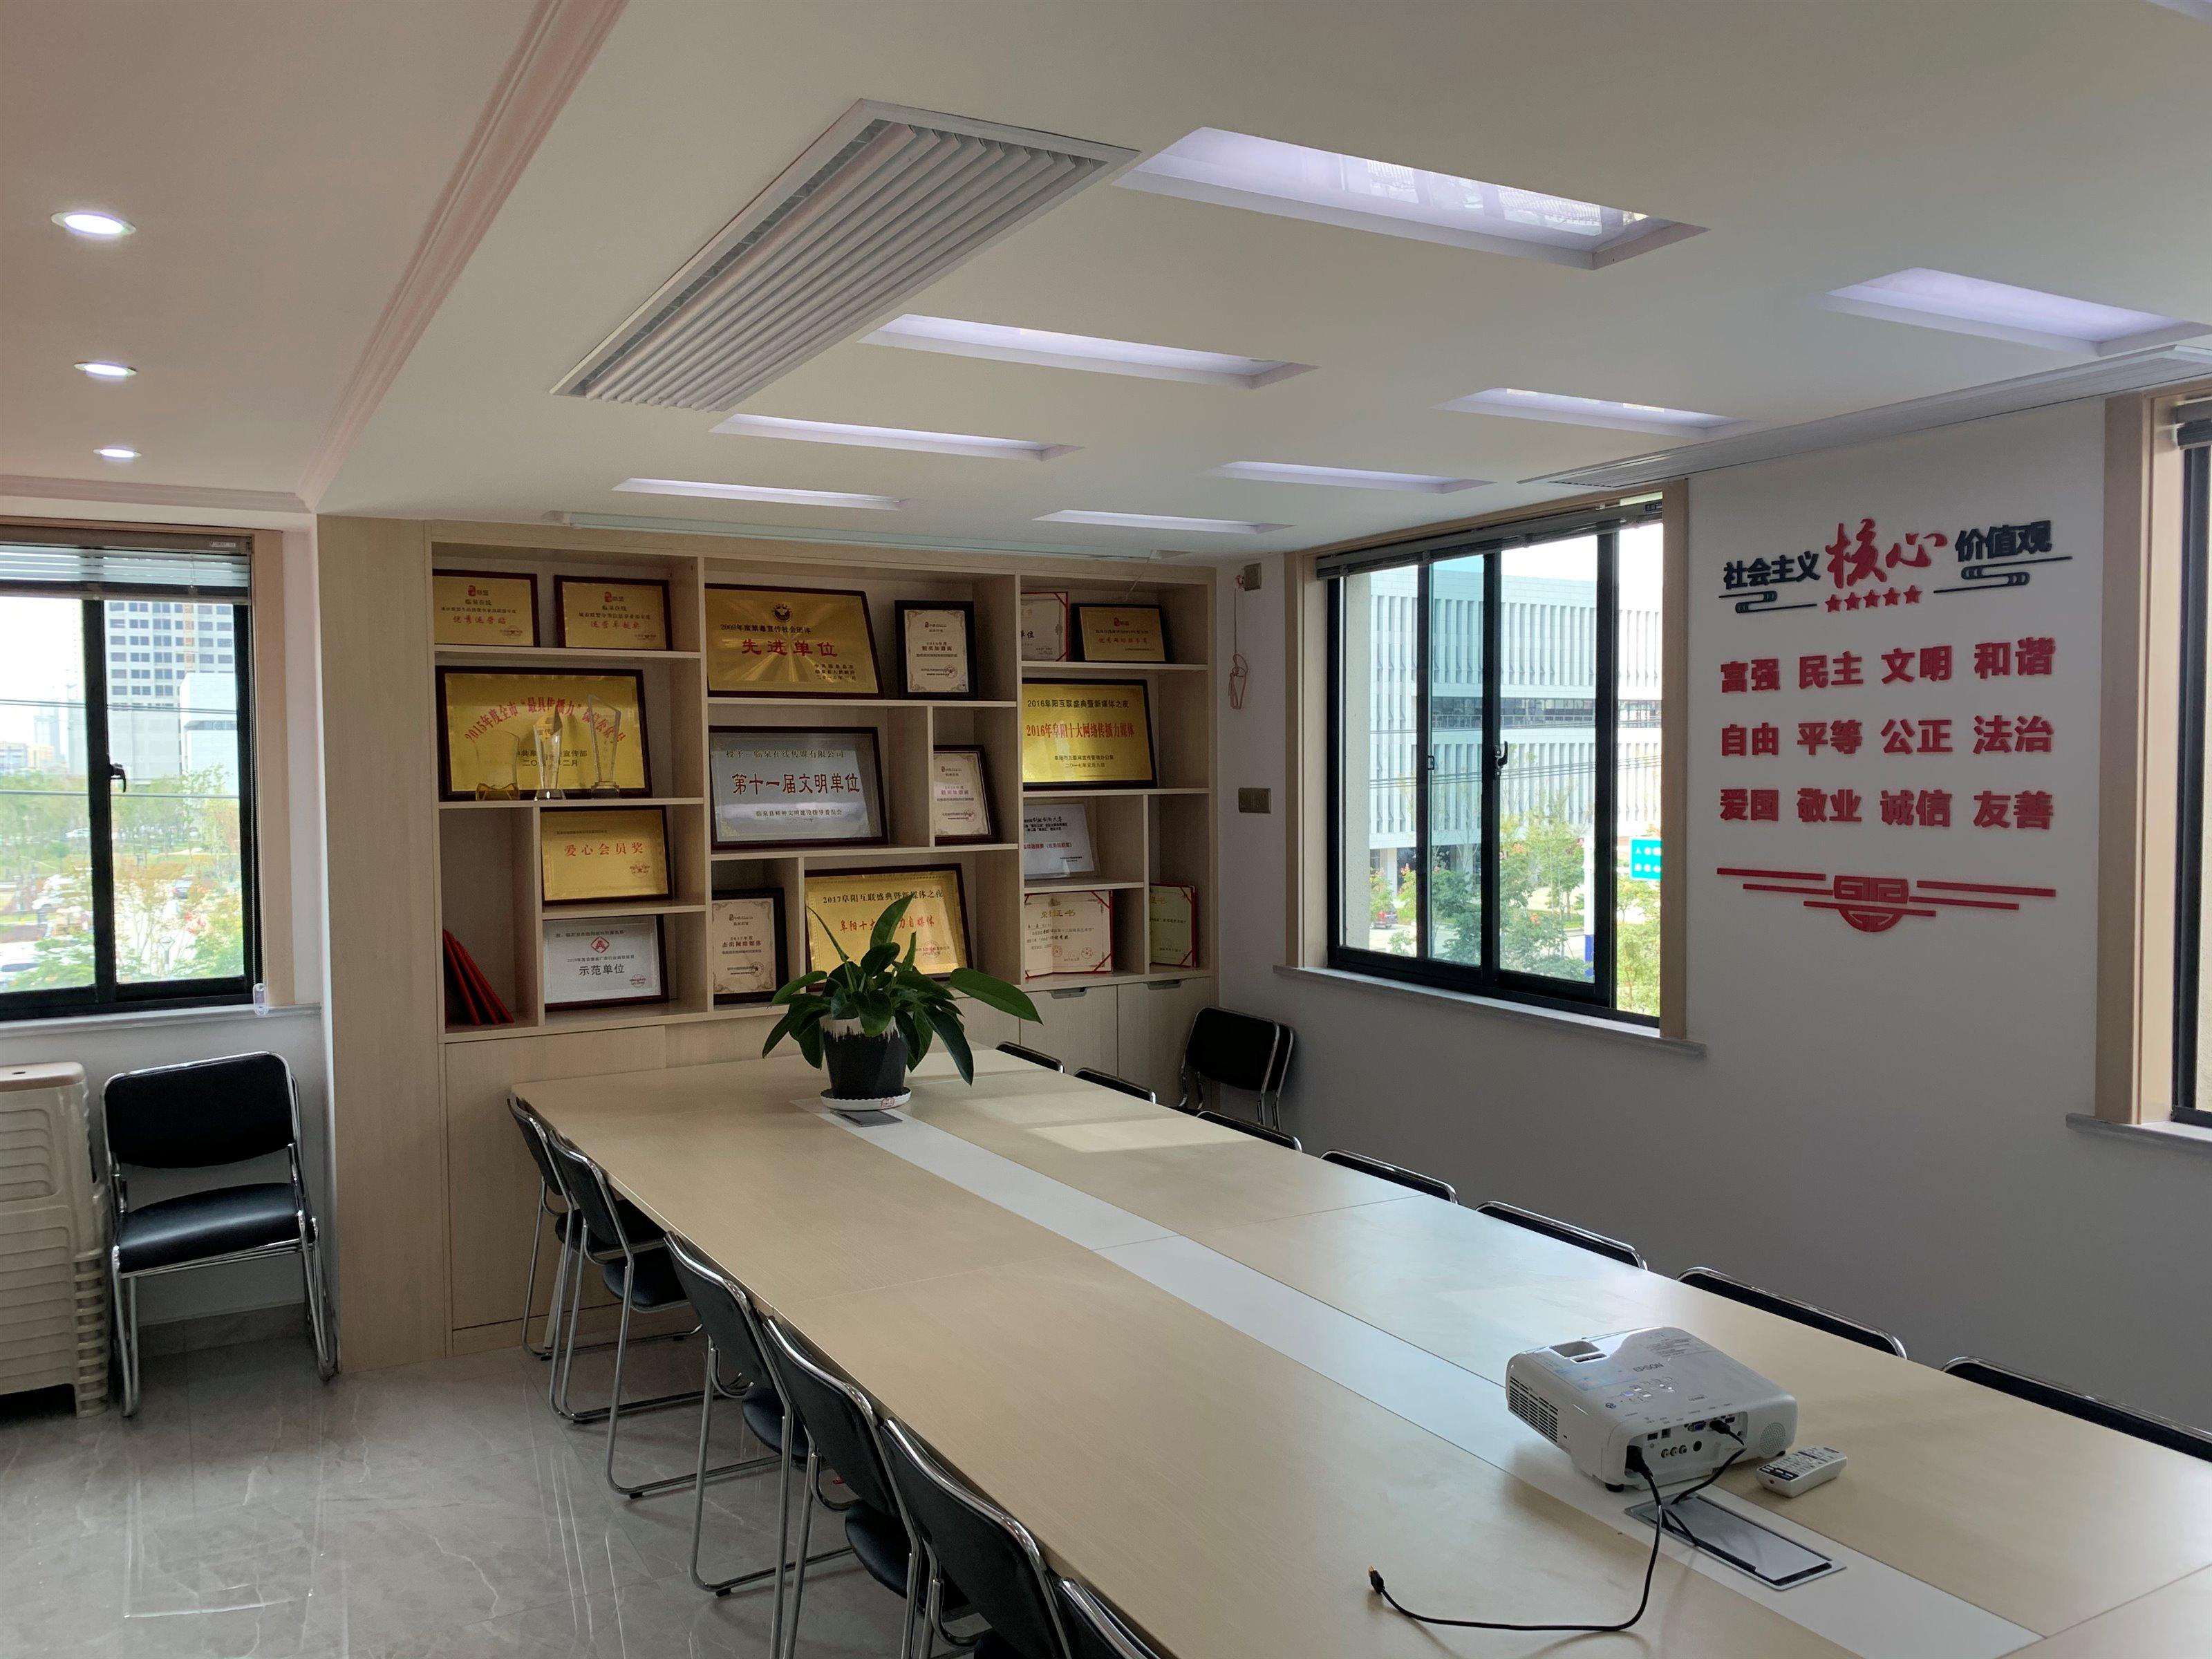 安徽省临泉在线办公环境展示